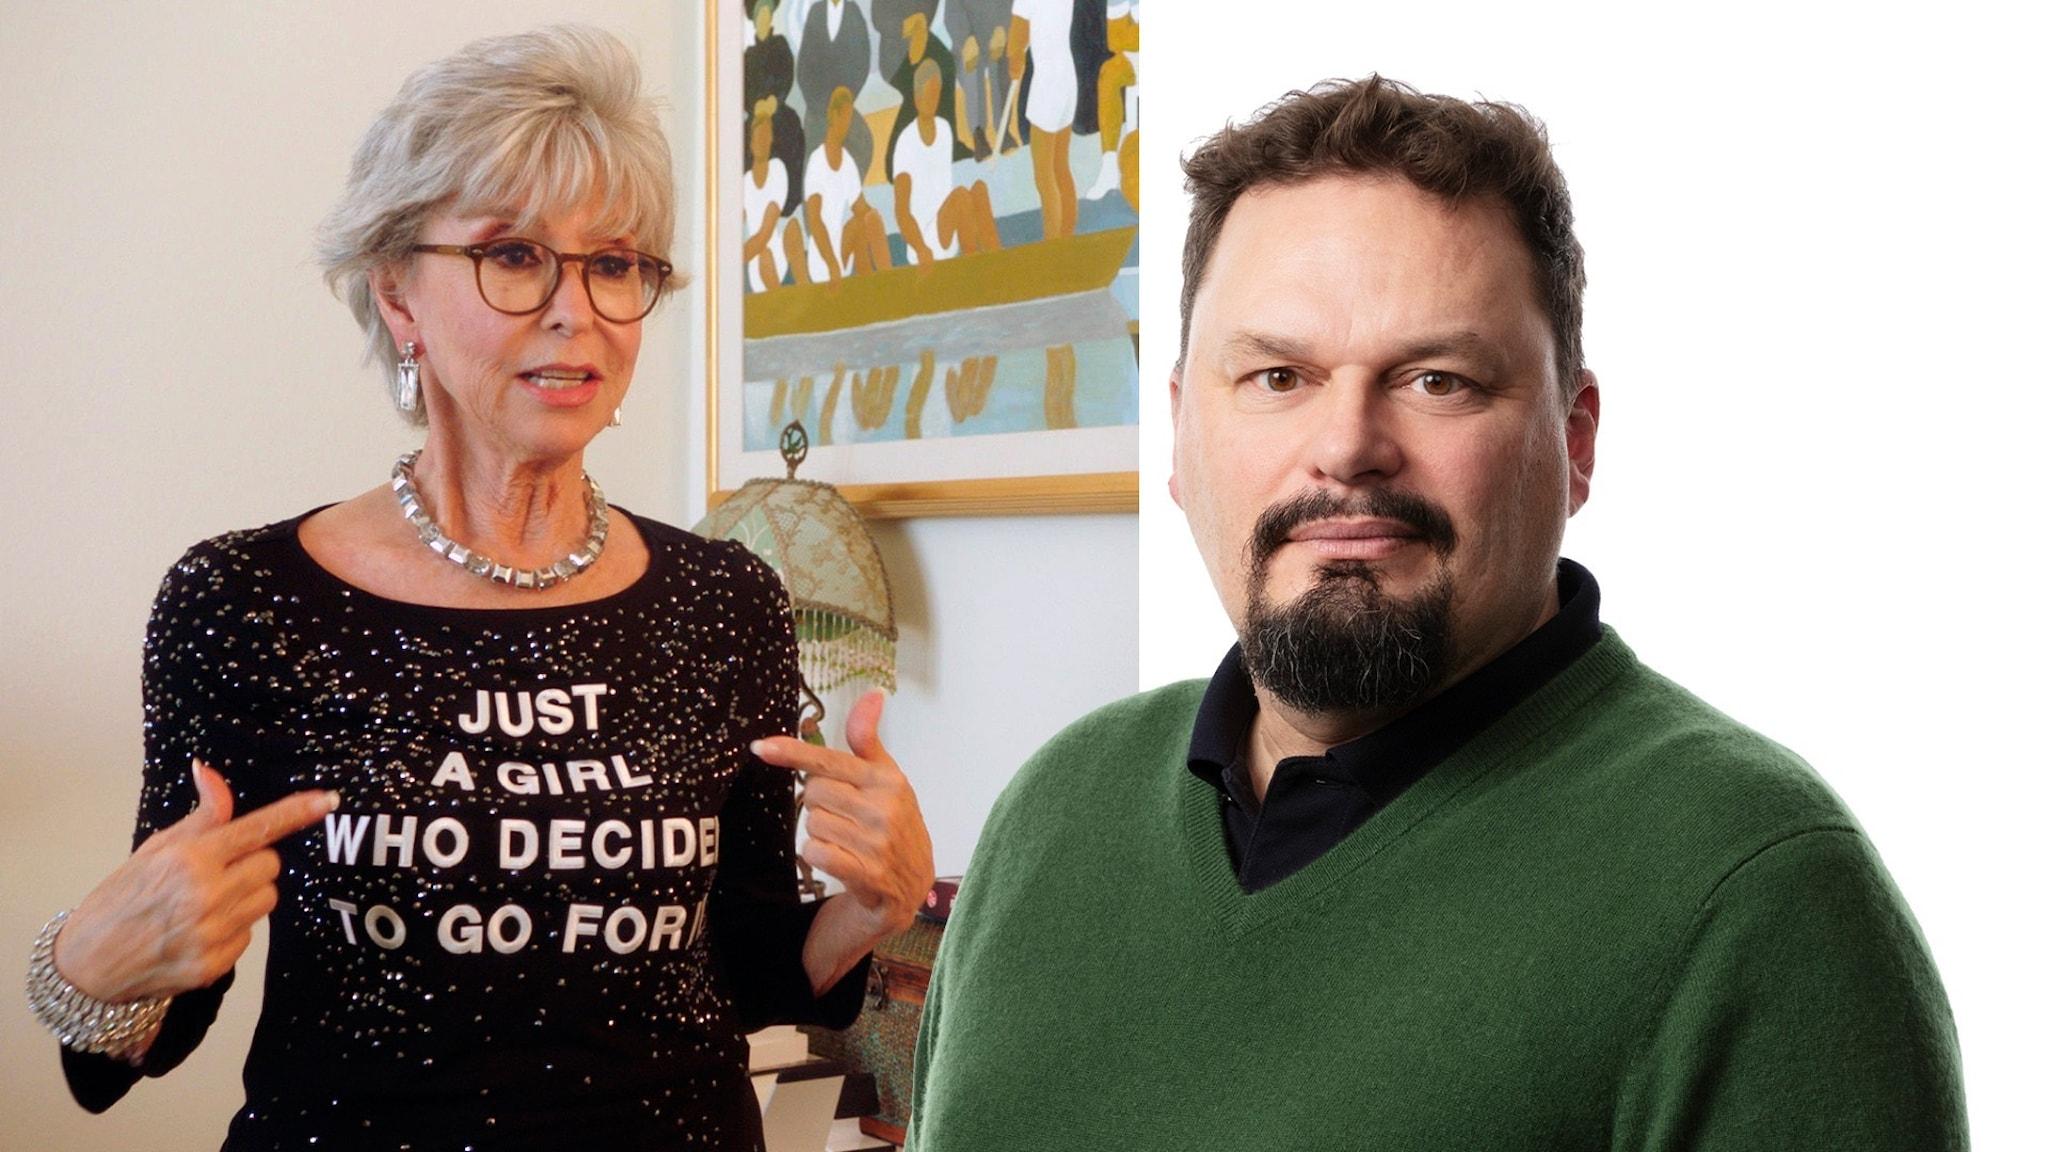 Tvådelad bild med en kvinna i glittrig tröja och grått hår till vänster (Rita Moreno) och en man i grön tröja och mustach till höger (Roger Wilson).